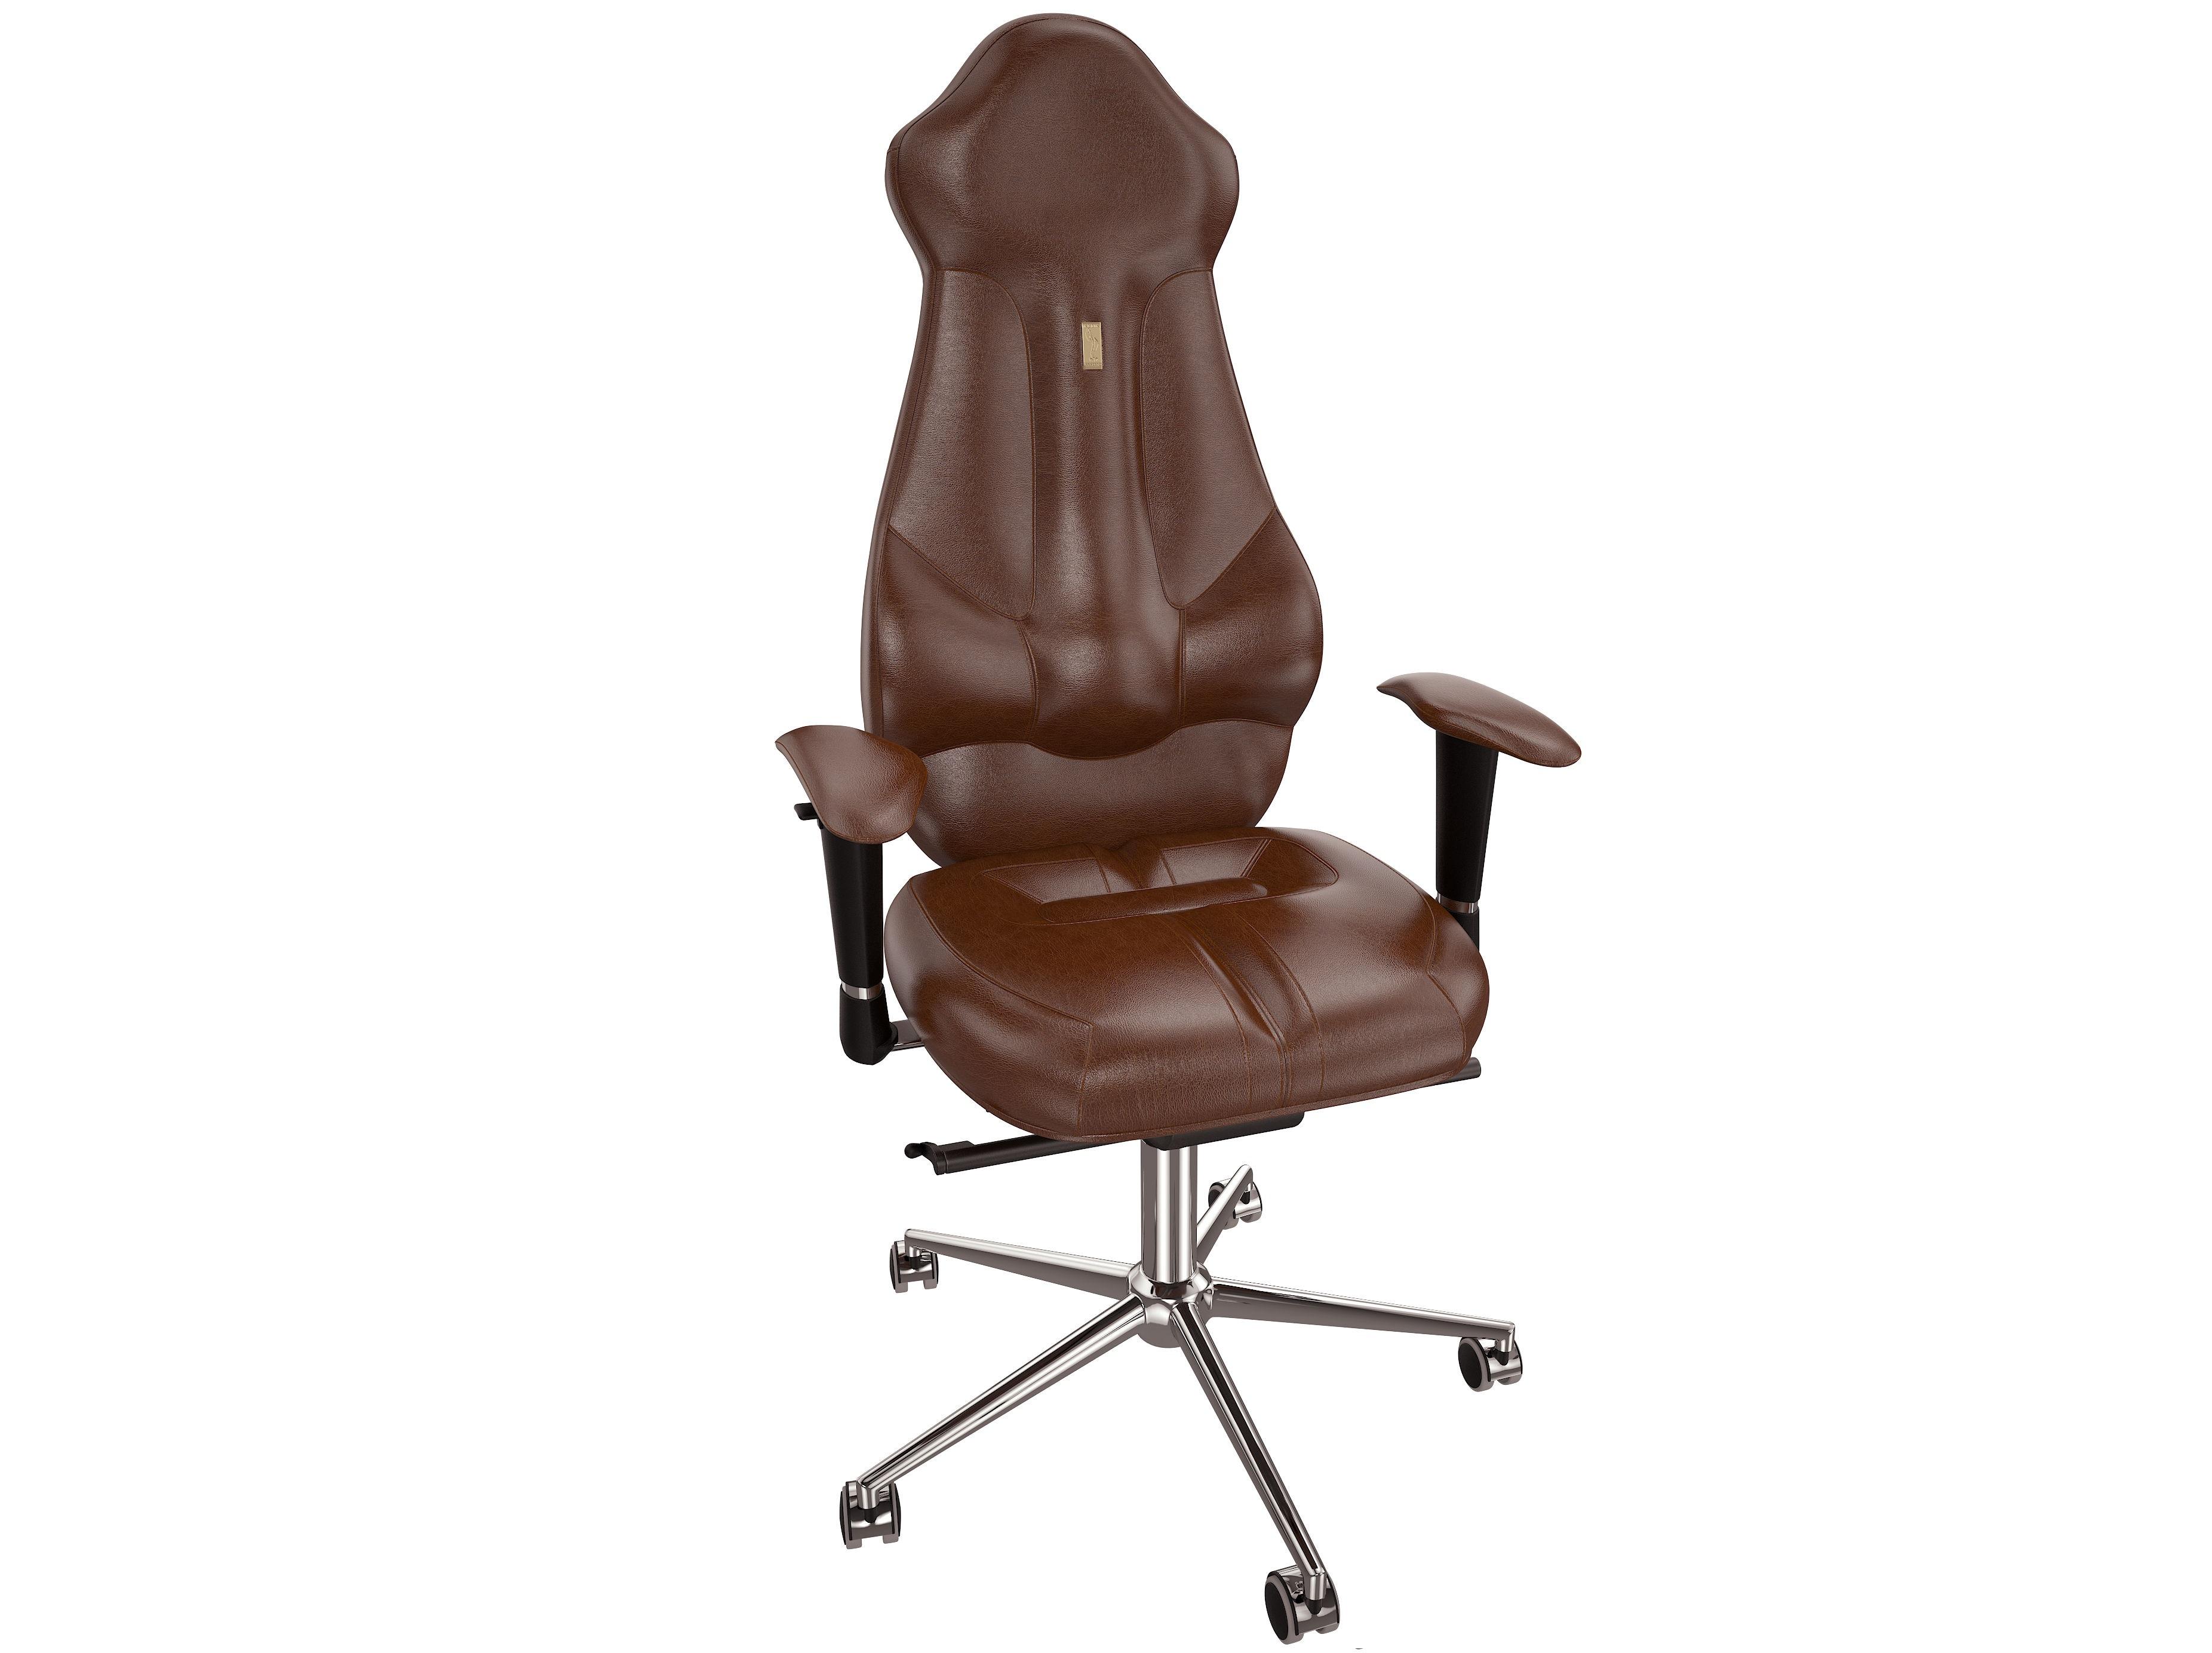 Кресло IMPERIALРабочие кресла<br>&amp;lt;div&amp;gt;Данное кресло отличается классическим дизайном и презентабельностью. Плавные, витиеватые линии и мягкие формы создают атмосферу утонченной роскоши и аристократизма.&amp;amp;nbsp;&amp;lt;/div&amp;gt;&amp;lt;div&amp;gt;&amp;lt;br&amp;gt;&amp;lt;/div&amp;gt;&amp;lt;div&amp;gt;Дополнительная комплектация:&amp;amp;nbsp;&amp;lt;/div&amp;gt;&amp;lt;div&amp;gt;Эргономичный подголовник, регулируемый по высоте и углу наклона. Дизайнерский шов, перфорация на коже, заказ в другом материале (натуральная кожа, экокожа, азур, антара) и цвете из палитры образцов, комбинация DUO COLOR.&amp;amp;nbsp;&amp;lt;/div&amp;gt;&amp;lt;div&amp;gt;Информацию по стоимости уточняйте у менеджера.&amp;lt;/div&amp;gt;<br>&amp;lt;br&amp;gt;<br>&amp;lt;iframe width=&amp;quot;500&amp;quot; height=&amp;quot;320&amp;quot; src=&amp;quot;https://www.youtube.com/embed/6koG4IB7DW4&amp;quot; frameborder=&amp;quot;0&amp;quot; allowfullscreen=&amp;quot;&amp;quot;&amp;gt;&amp;lt;/iframe&amp;gt;<br>&amp;lt;br&amp;gt;<br>&amp;lt;iframe width=&amp;quot;500&amp;quot; height=&amp;quot;320&amp;quot; src=&amp;quot;https://www.youtube.com/embed/99WAtfUHlt0&amp;quot; frameborder=&amp;quot;0&amp;quot; allowfullscreen=&amp;quot;&amp;quot;&amp;gt;&amp;lt;/iframe&amp;gt;<br><br>Material: Кожа<br>Ширина см: 71<br>Высота см: 142<br>Глубина см: 52